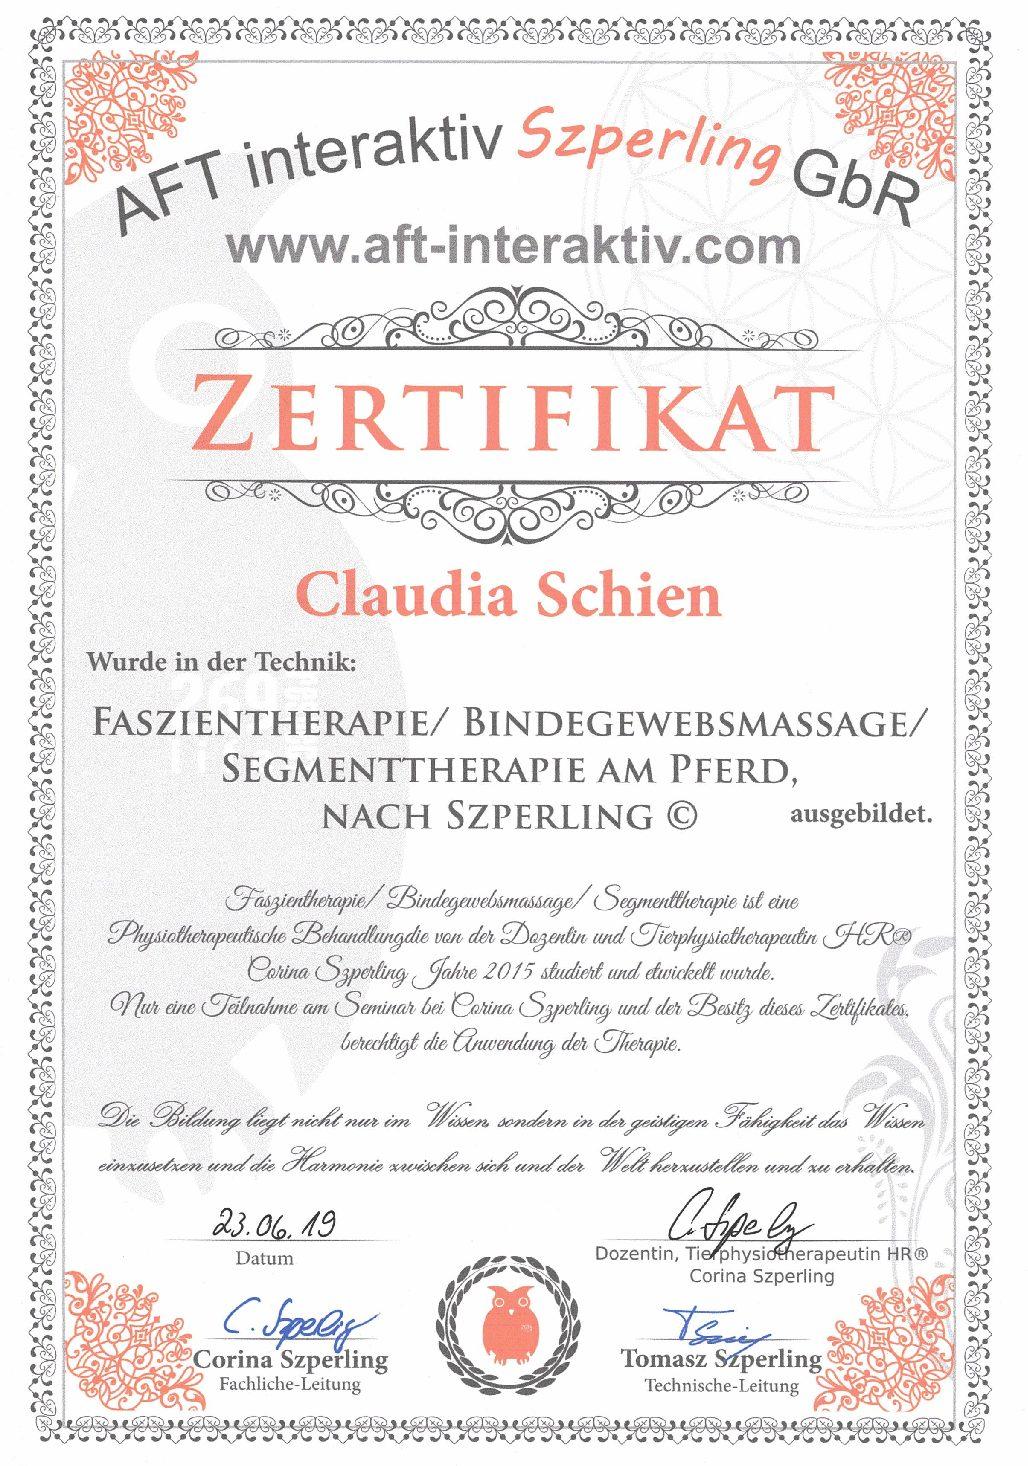 Faszientherapie / Bindegewebsmassage nach Szperling©